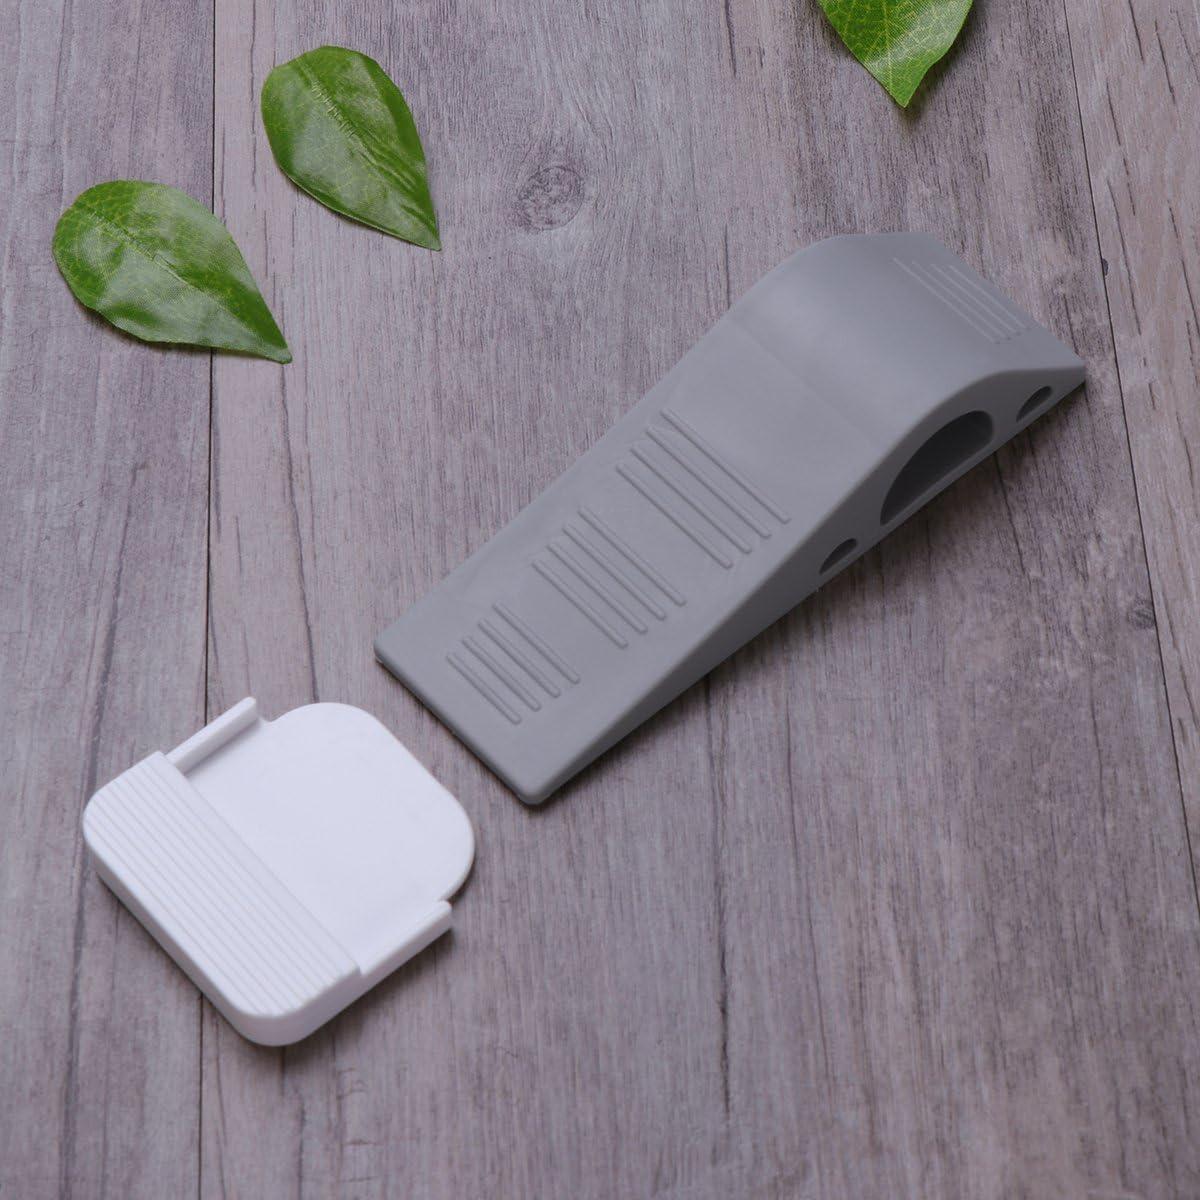 une cale darr/êt d/écorative en caoutchouc adapt/ée aux tapis stratifi/és WINOMO 3 paquets avec des porte-primes gratuits